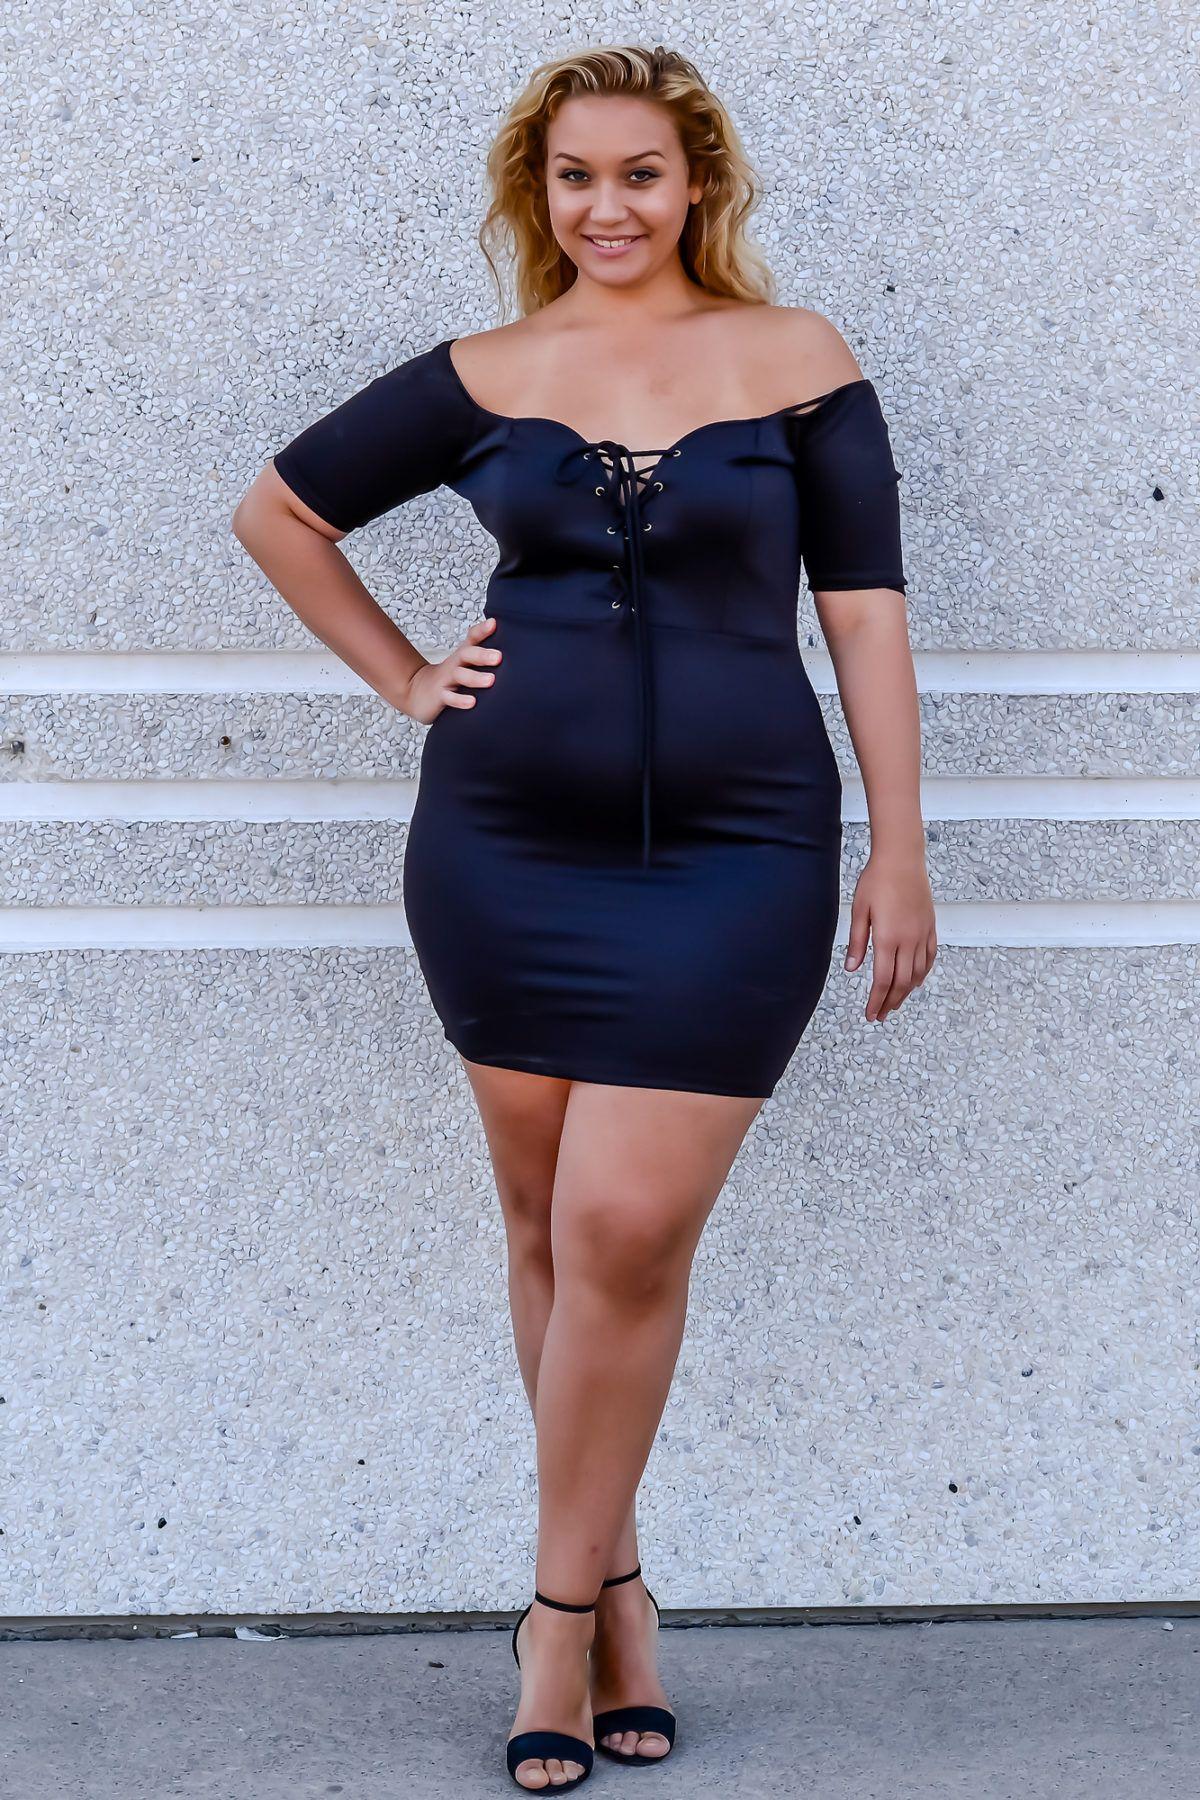 Plus Size Women Mini Dresses